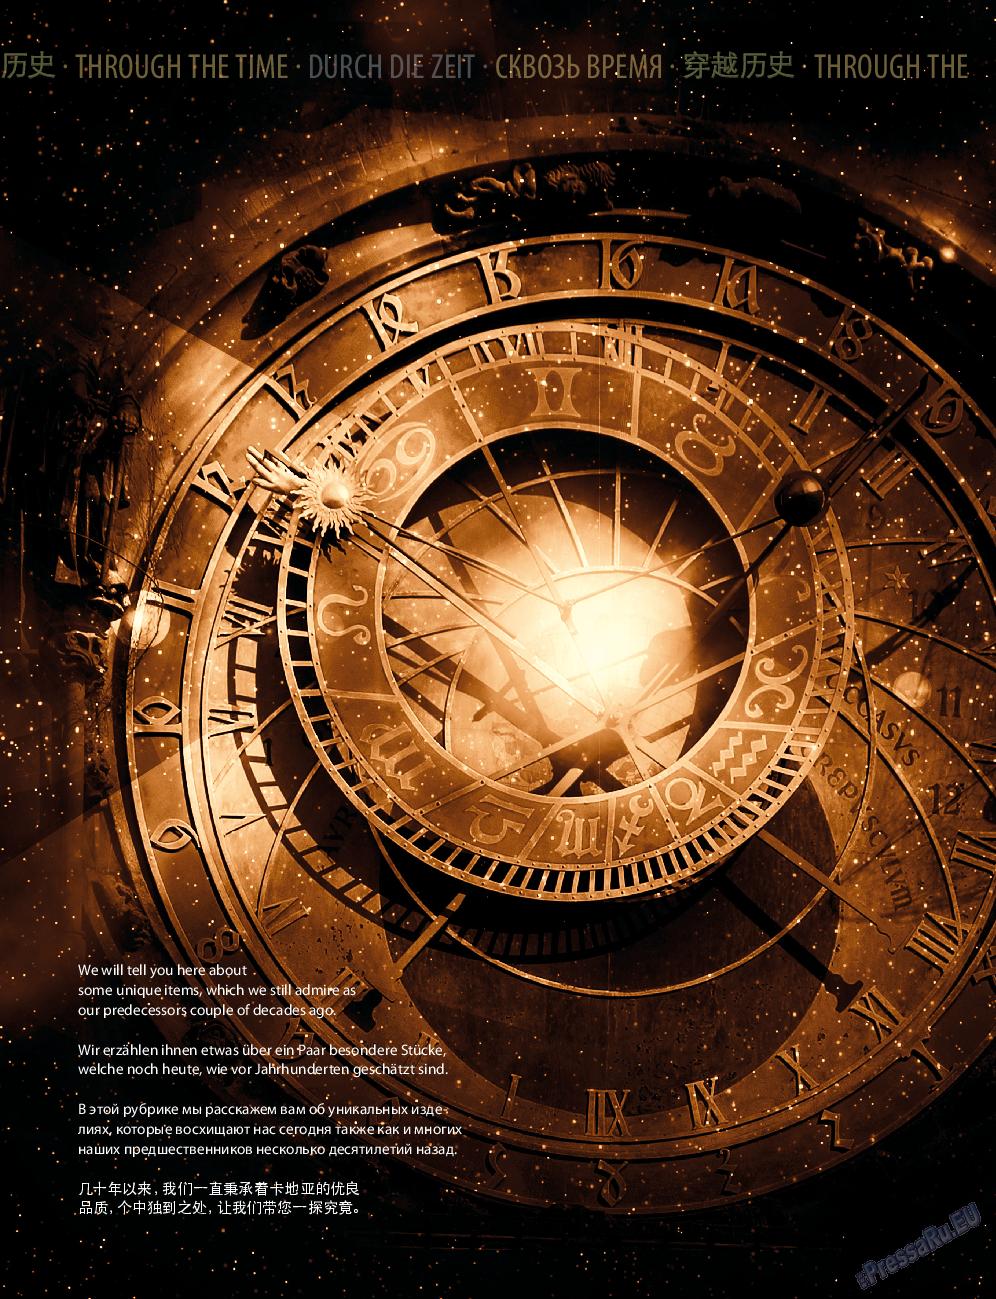 Клан (журнал). 2015 год, номер 9, стр. 156